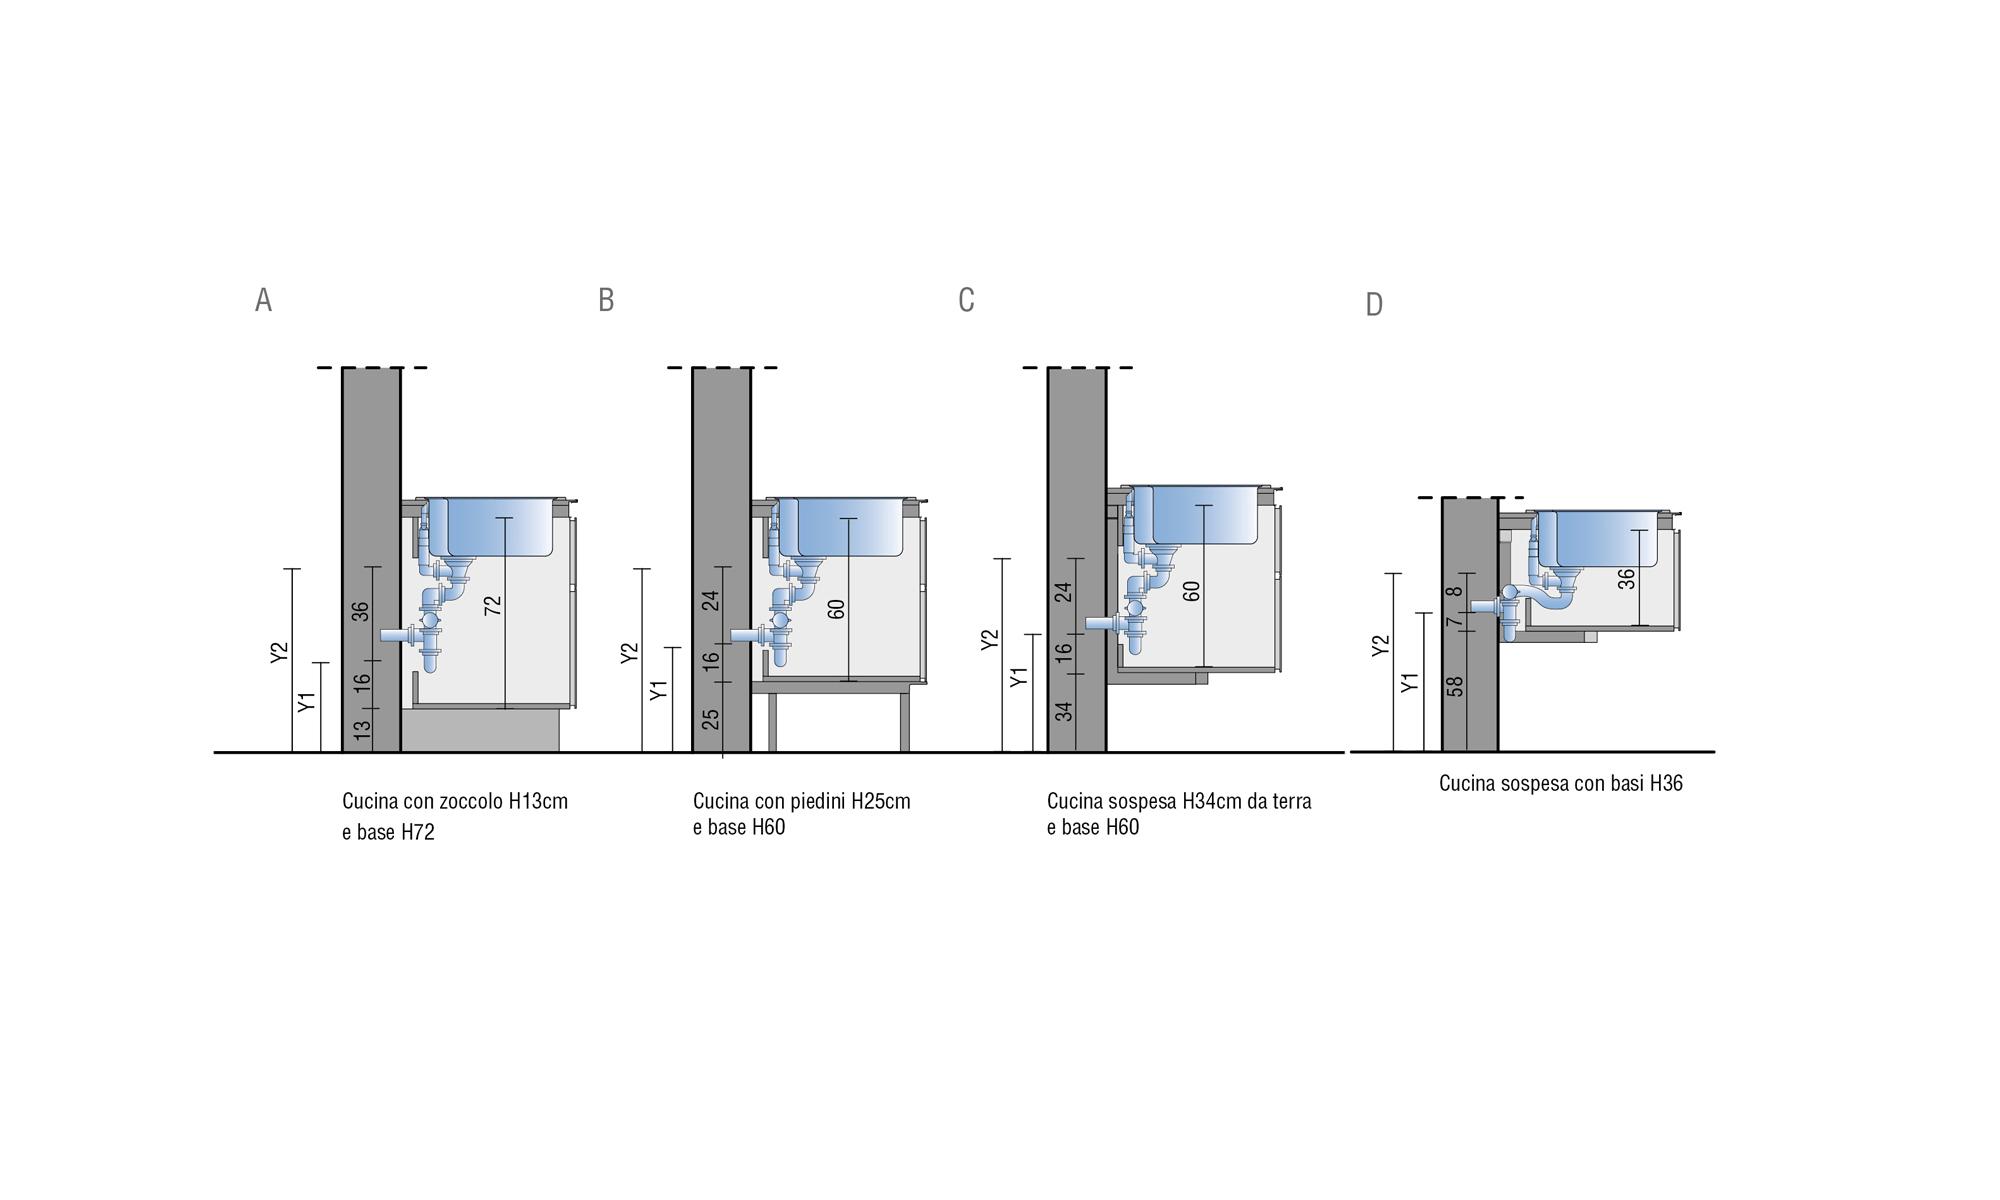 Küchen-Wasseranschlüsse  Planung  Valcucine